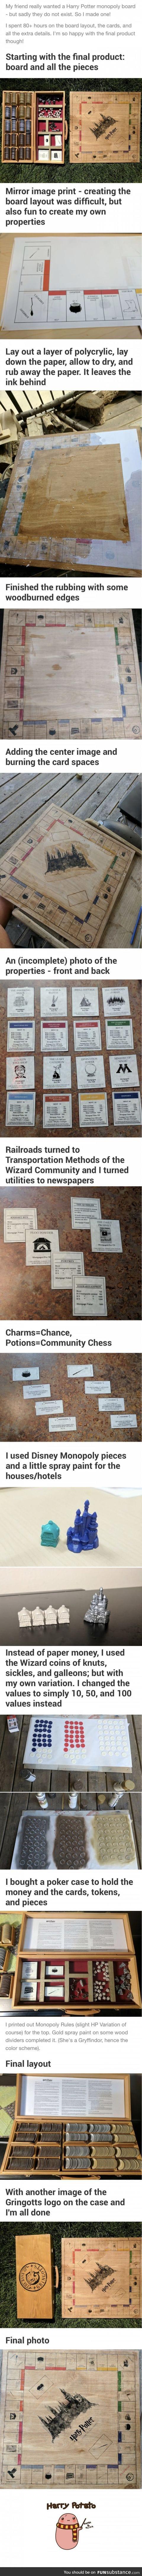 Monopoly Harry Potter board